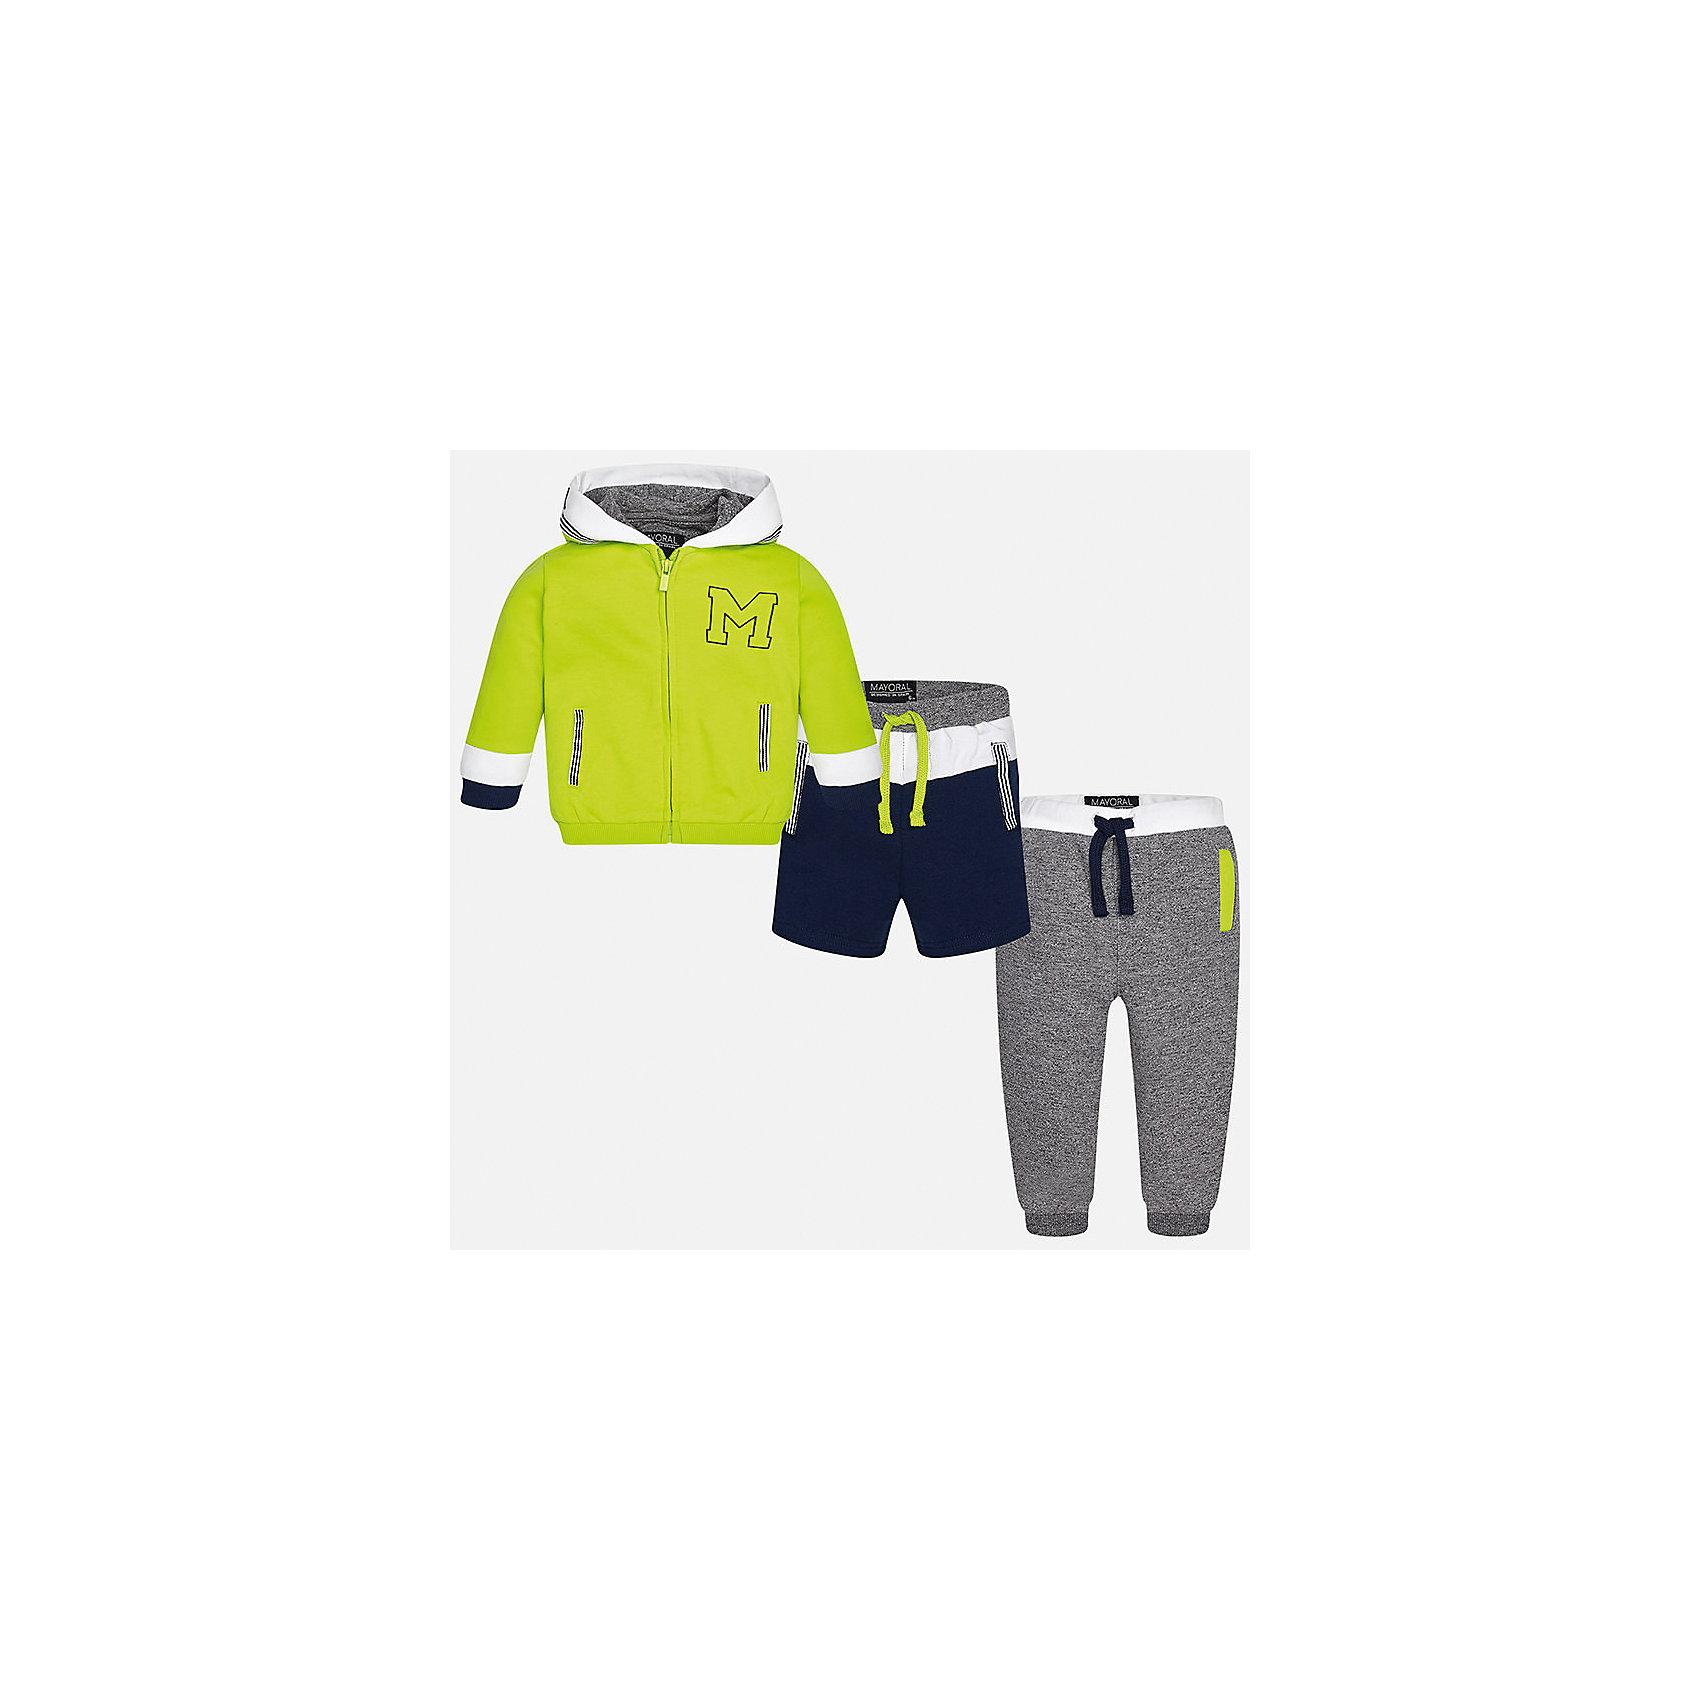 Спортивный костюм для мальчика MayoralХарактеристики товара:<br><br>• цвет: салатовый/серый/синий<br>• состав: 58% хлопок, 39% полиэстер, 3% эластан<br>• комплектация: курточка, штаны, шорты<br>• куртка декорирована вышивкой<br>• карманы<br>• капюшон<br>• штаны, шорты - пояс на шнурке<br>• манжеты на штанах <br>• страна бренда: Испания<br><br>Стильный качественный спортивный костюм для мальчика поможет разнообразить гардероб ребенка и удобно одеться. Курточка, шорты и штаны отлично сочетаются с другими предметами. Универсальный цвет позволяет подобрать к вещам верхнюю одежду практически любой расцветки. Интересная отделка модели делает её нарядной и оригинальной. В составе материала - натуральный хлопок, гипоаллергенный, приятный на ощупь, дышащий.<br><br>Одежда, обувь и аксессуары от испанского бренда Mayoral полюбились детям и взрослым по всему миру. Модели этой марки - стильные и удобные. Для их производства используются только безопасные, качественные материалы и фурнитура. Порадуйте ребенка модными и красивыми вещами от Mayoral! <br><br>Спортивный костюм для мальчика от испанского бренда Mayoral (Майорал) можно купить в нашем интернет-магазине.<br><br>Ширина мм: 247<br>Глубина мм: 16<br>Высота мм: 140<br>Вес г: 225<br>Цвет: зеленый<br>Возраст от месяцев: 12<br>Возраст до месяцев: 18<br>Пол: Мужской<br>Возраст: Детский<br>Размер: 86,92,80<br>SKU: 5279729